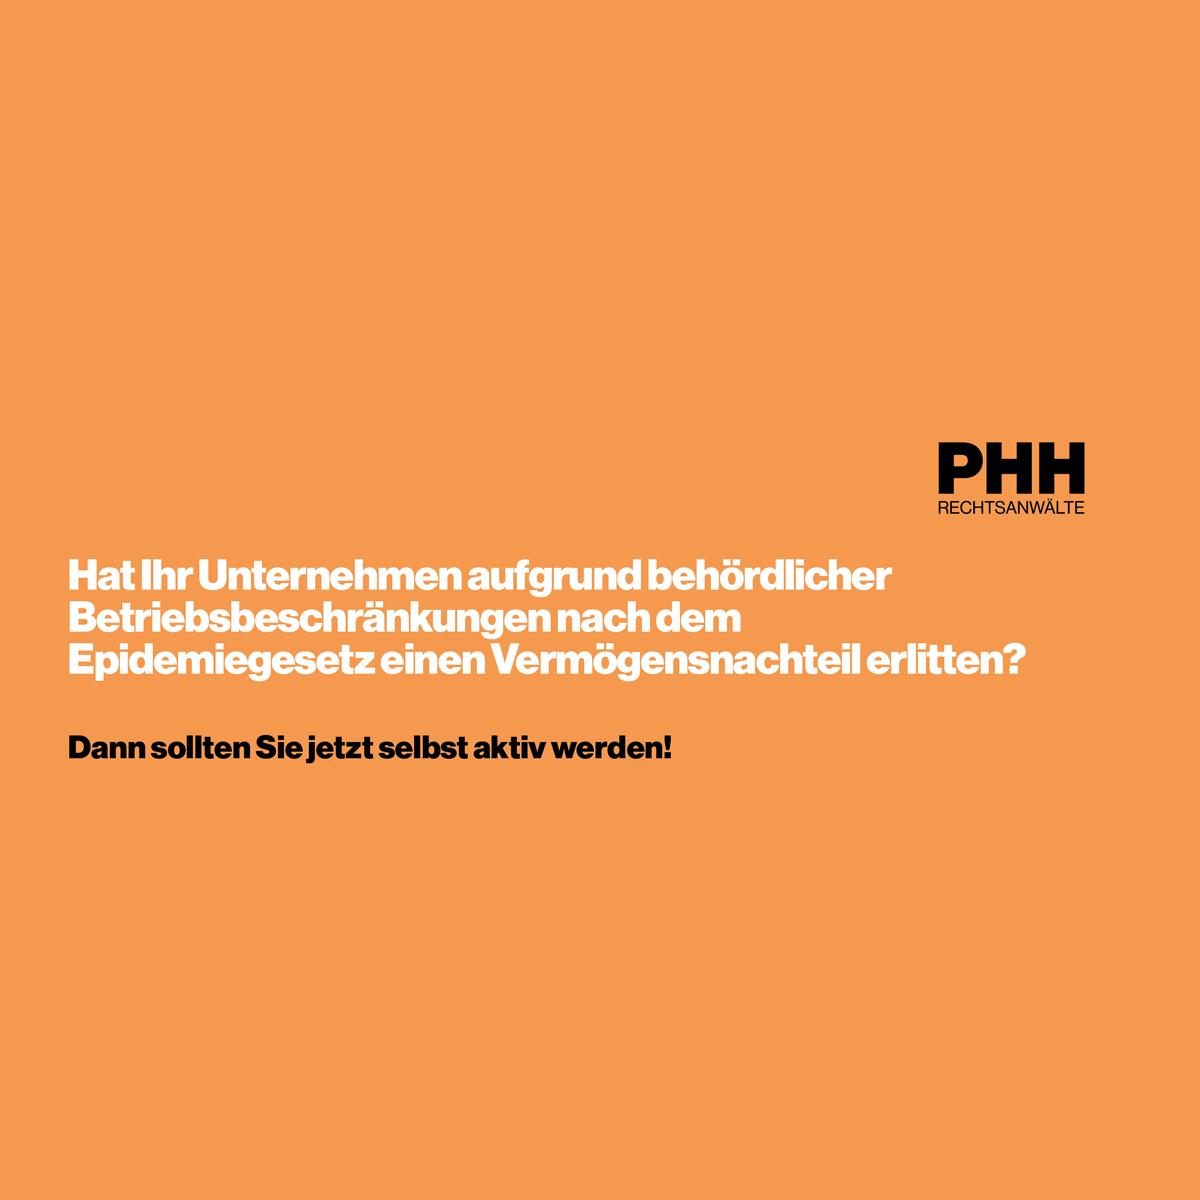 COVID-19: Ersatz Epidemiegesetz Tirol